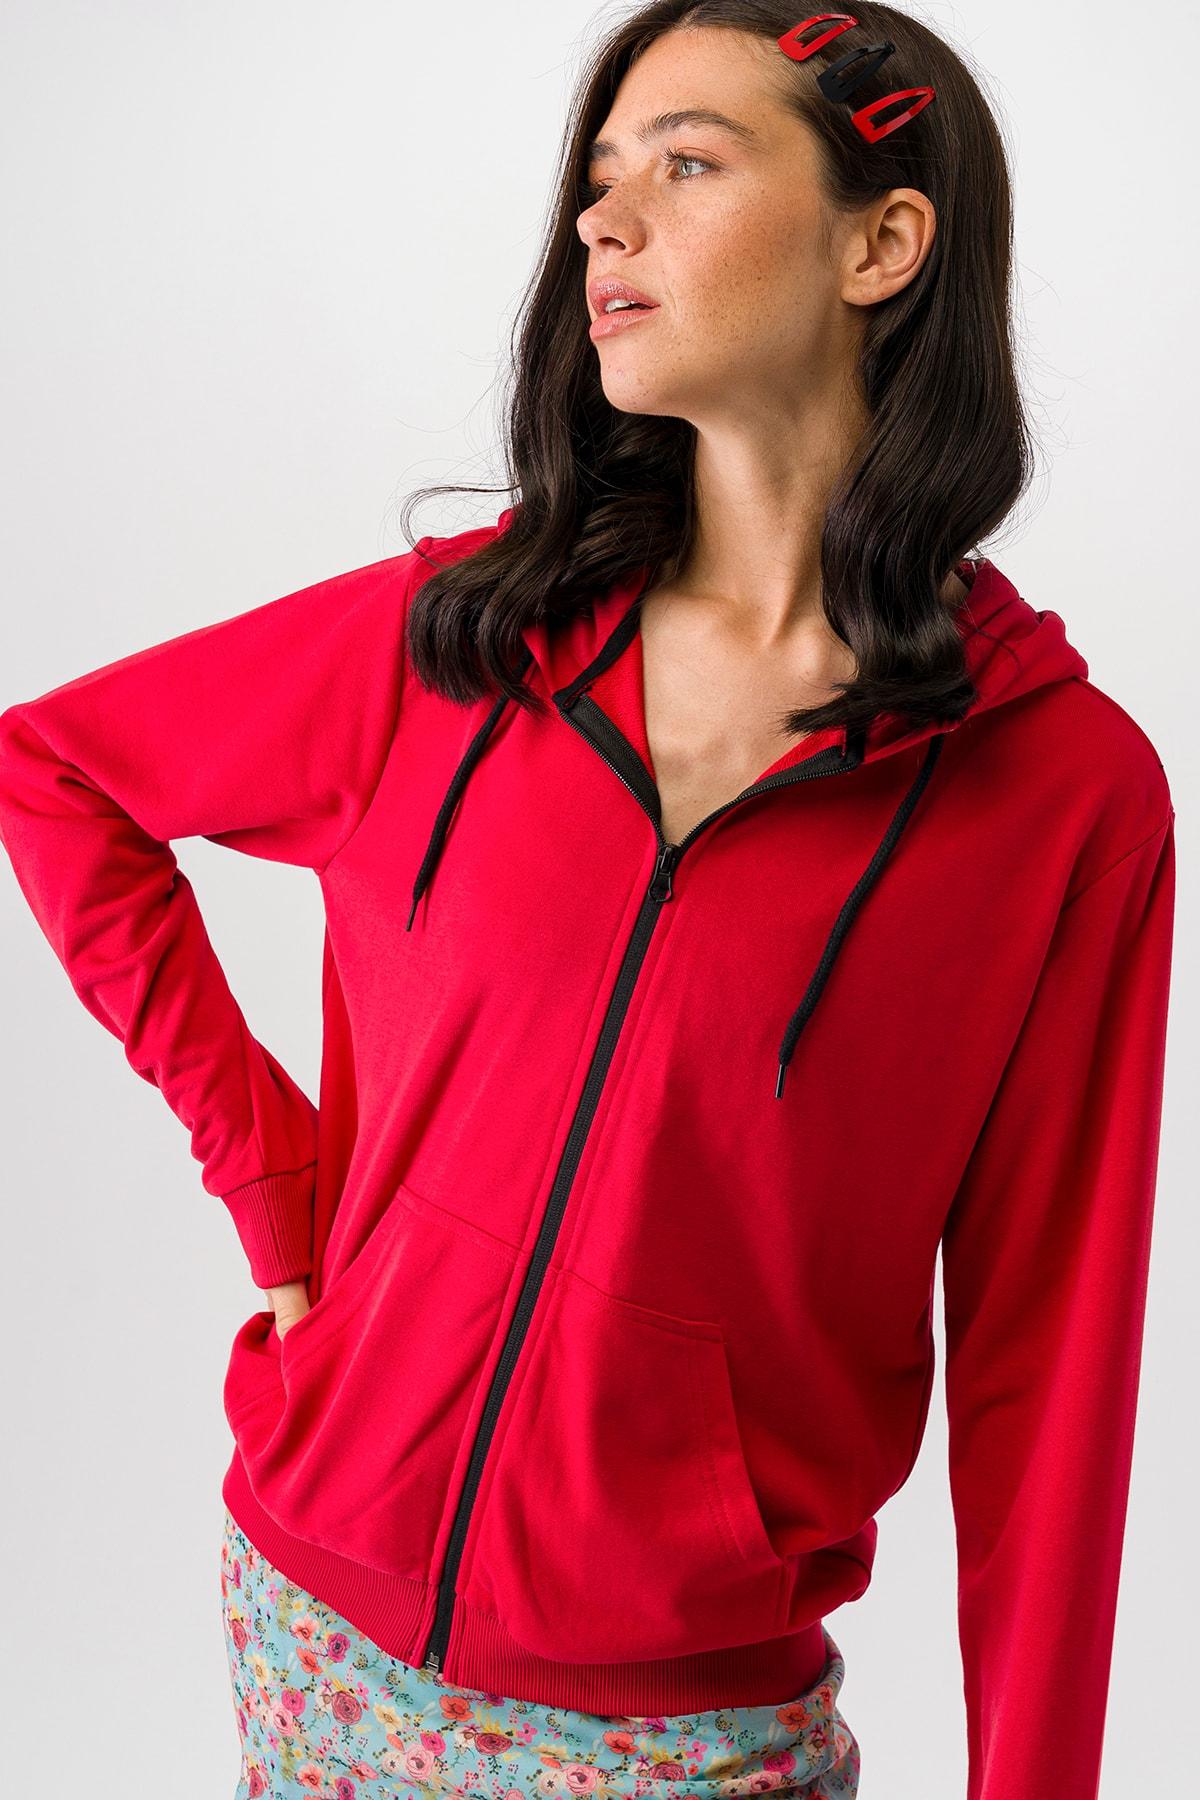 Runever Kadın Sweatshirt 1165 1